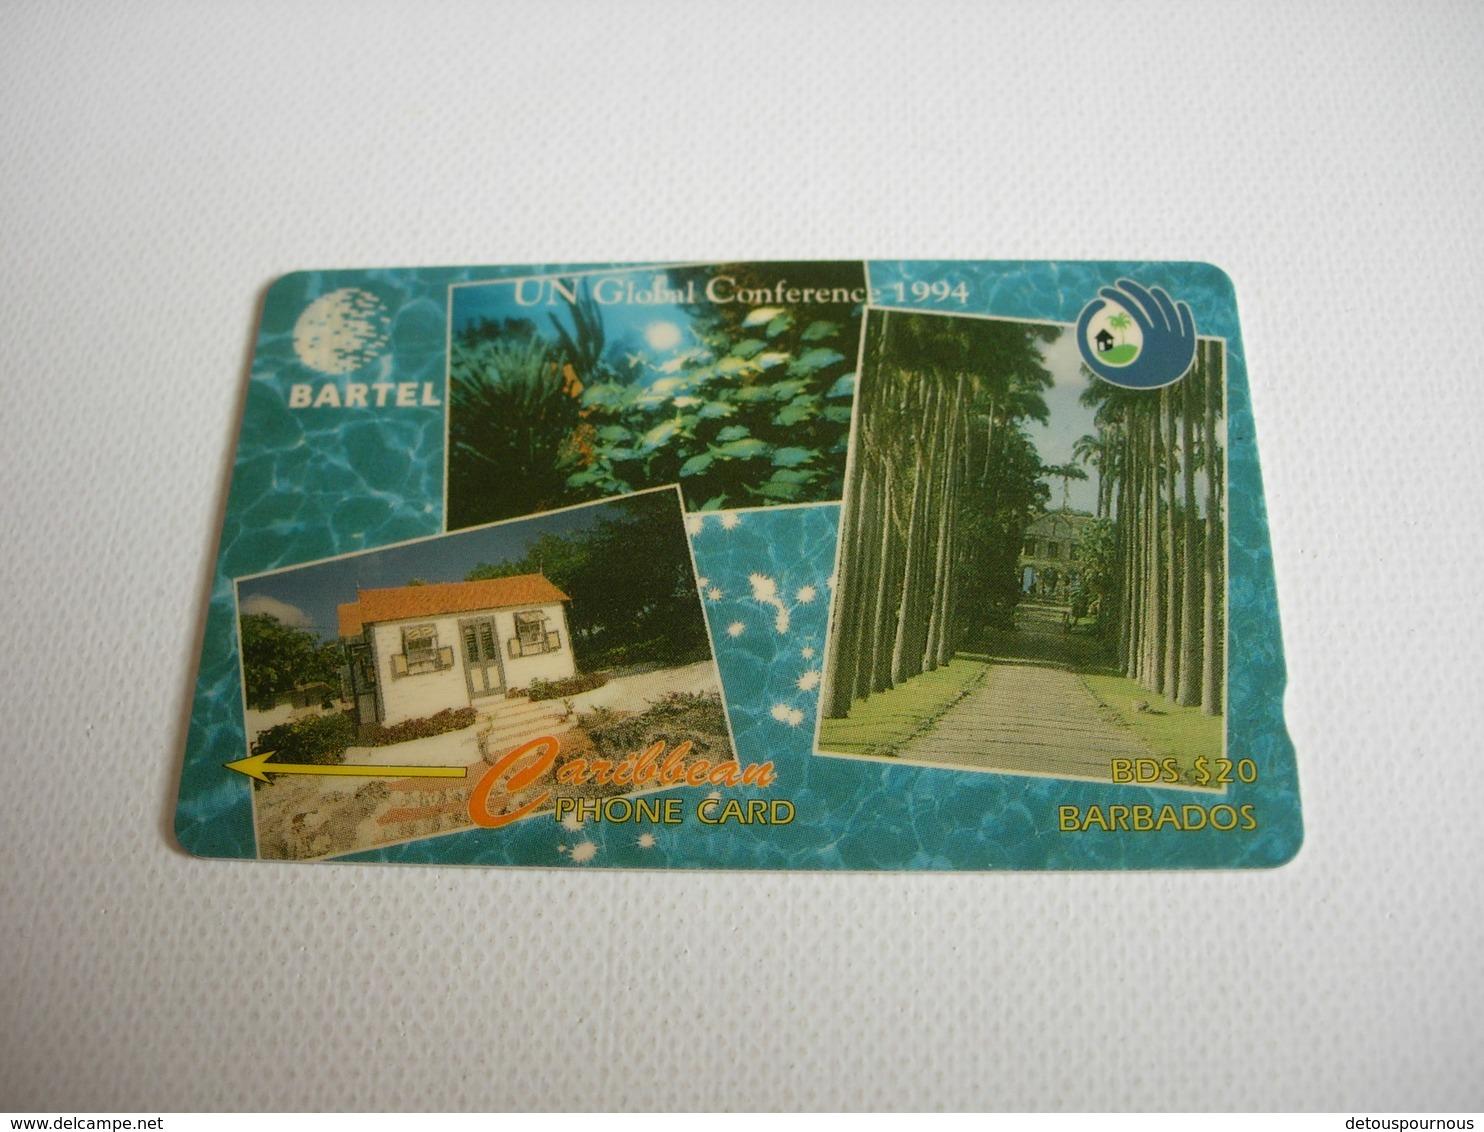 TELECARTE BARBADOS, UN GLOBAL CONFERENCE 1994 14CBDBO29387 - Barbades